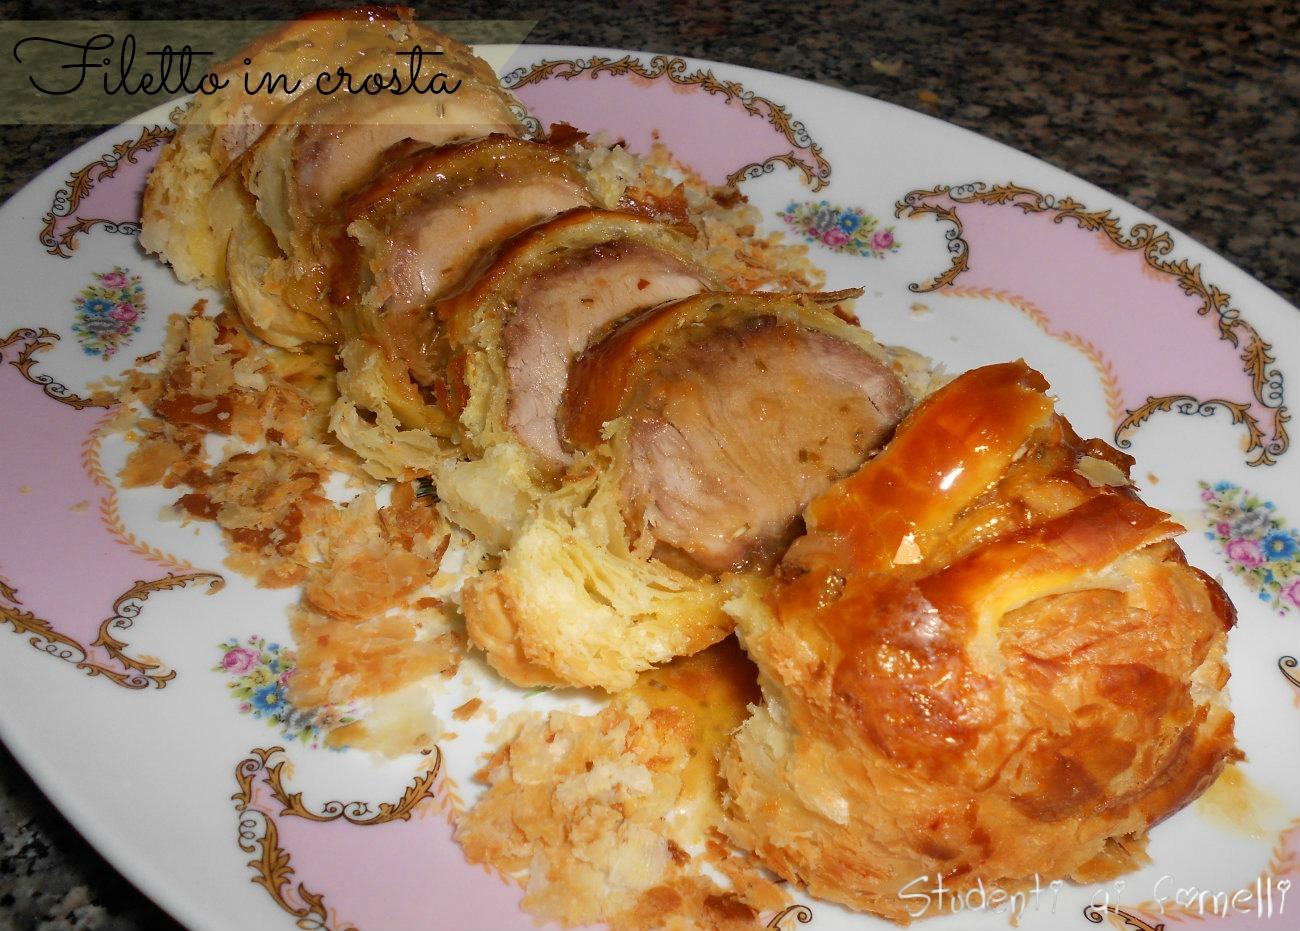 Filetto in crosta ricetta secondo piatto di effetto for Secondi piatti ricette